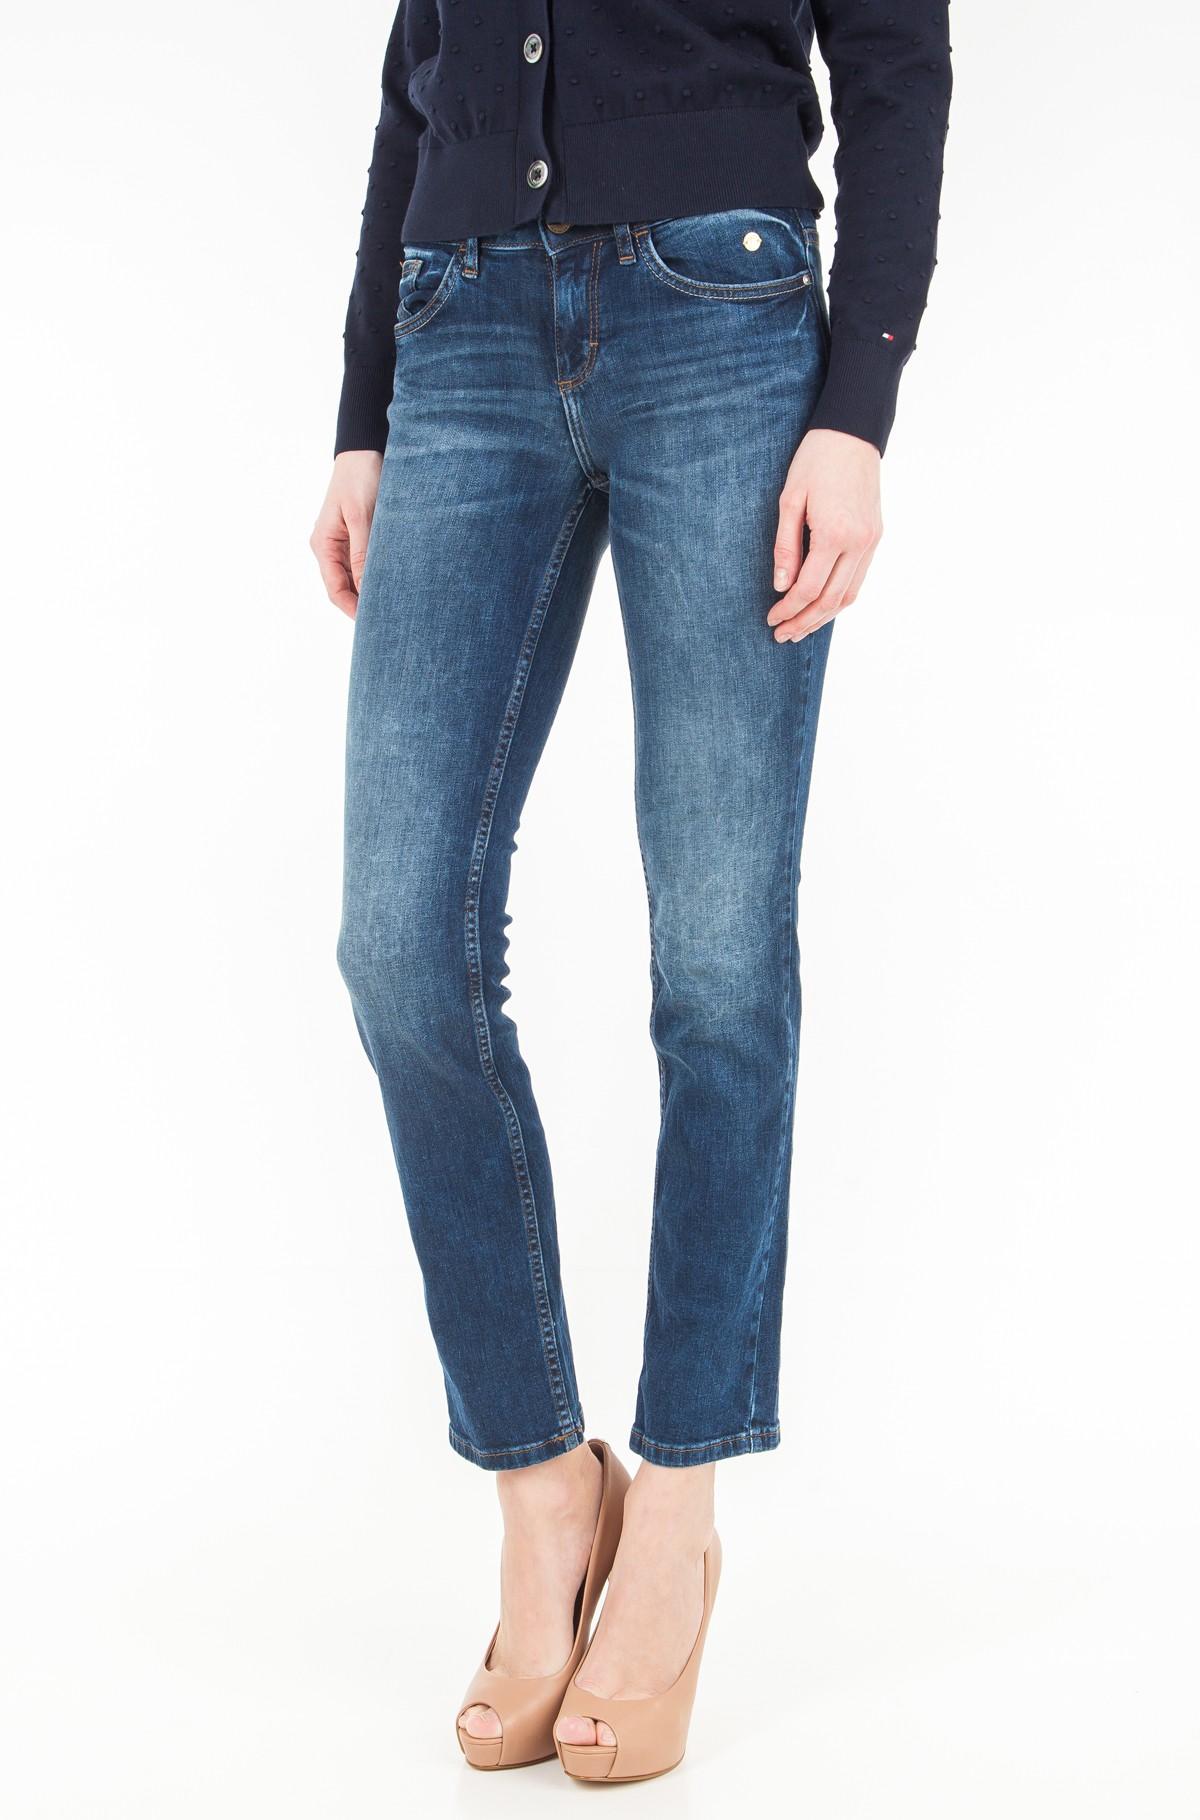 Jeans 6205864.09.70-full-1